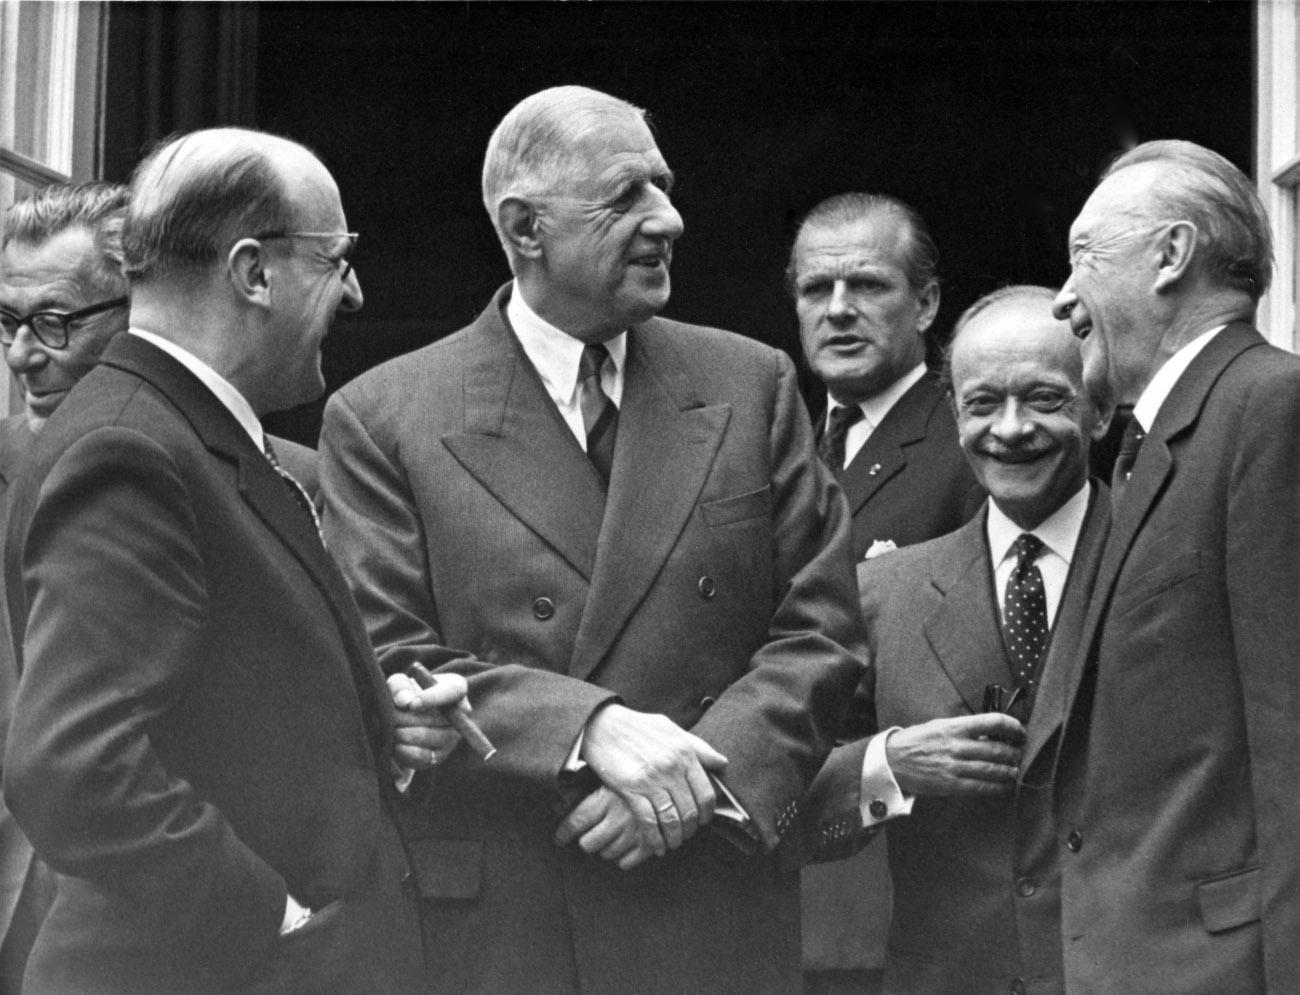 Ασπρόμαυρη φωτογραφία του Ντε Γκολ με τον Γερμανό καγκελάριο Αντενάουερ